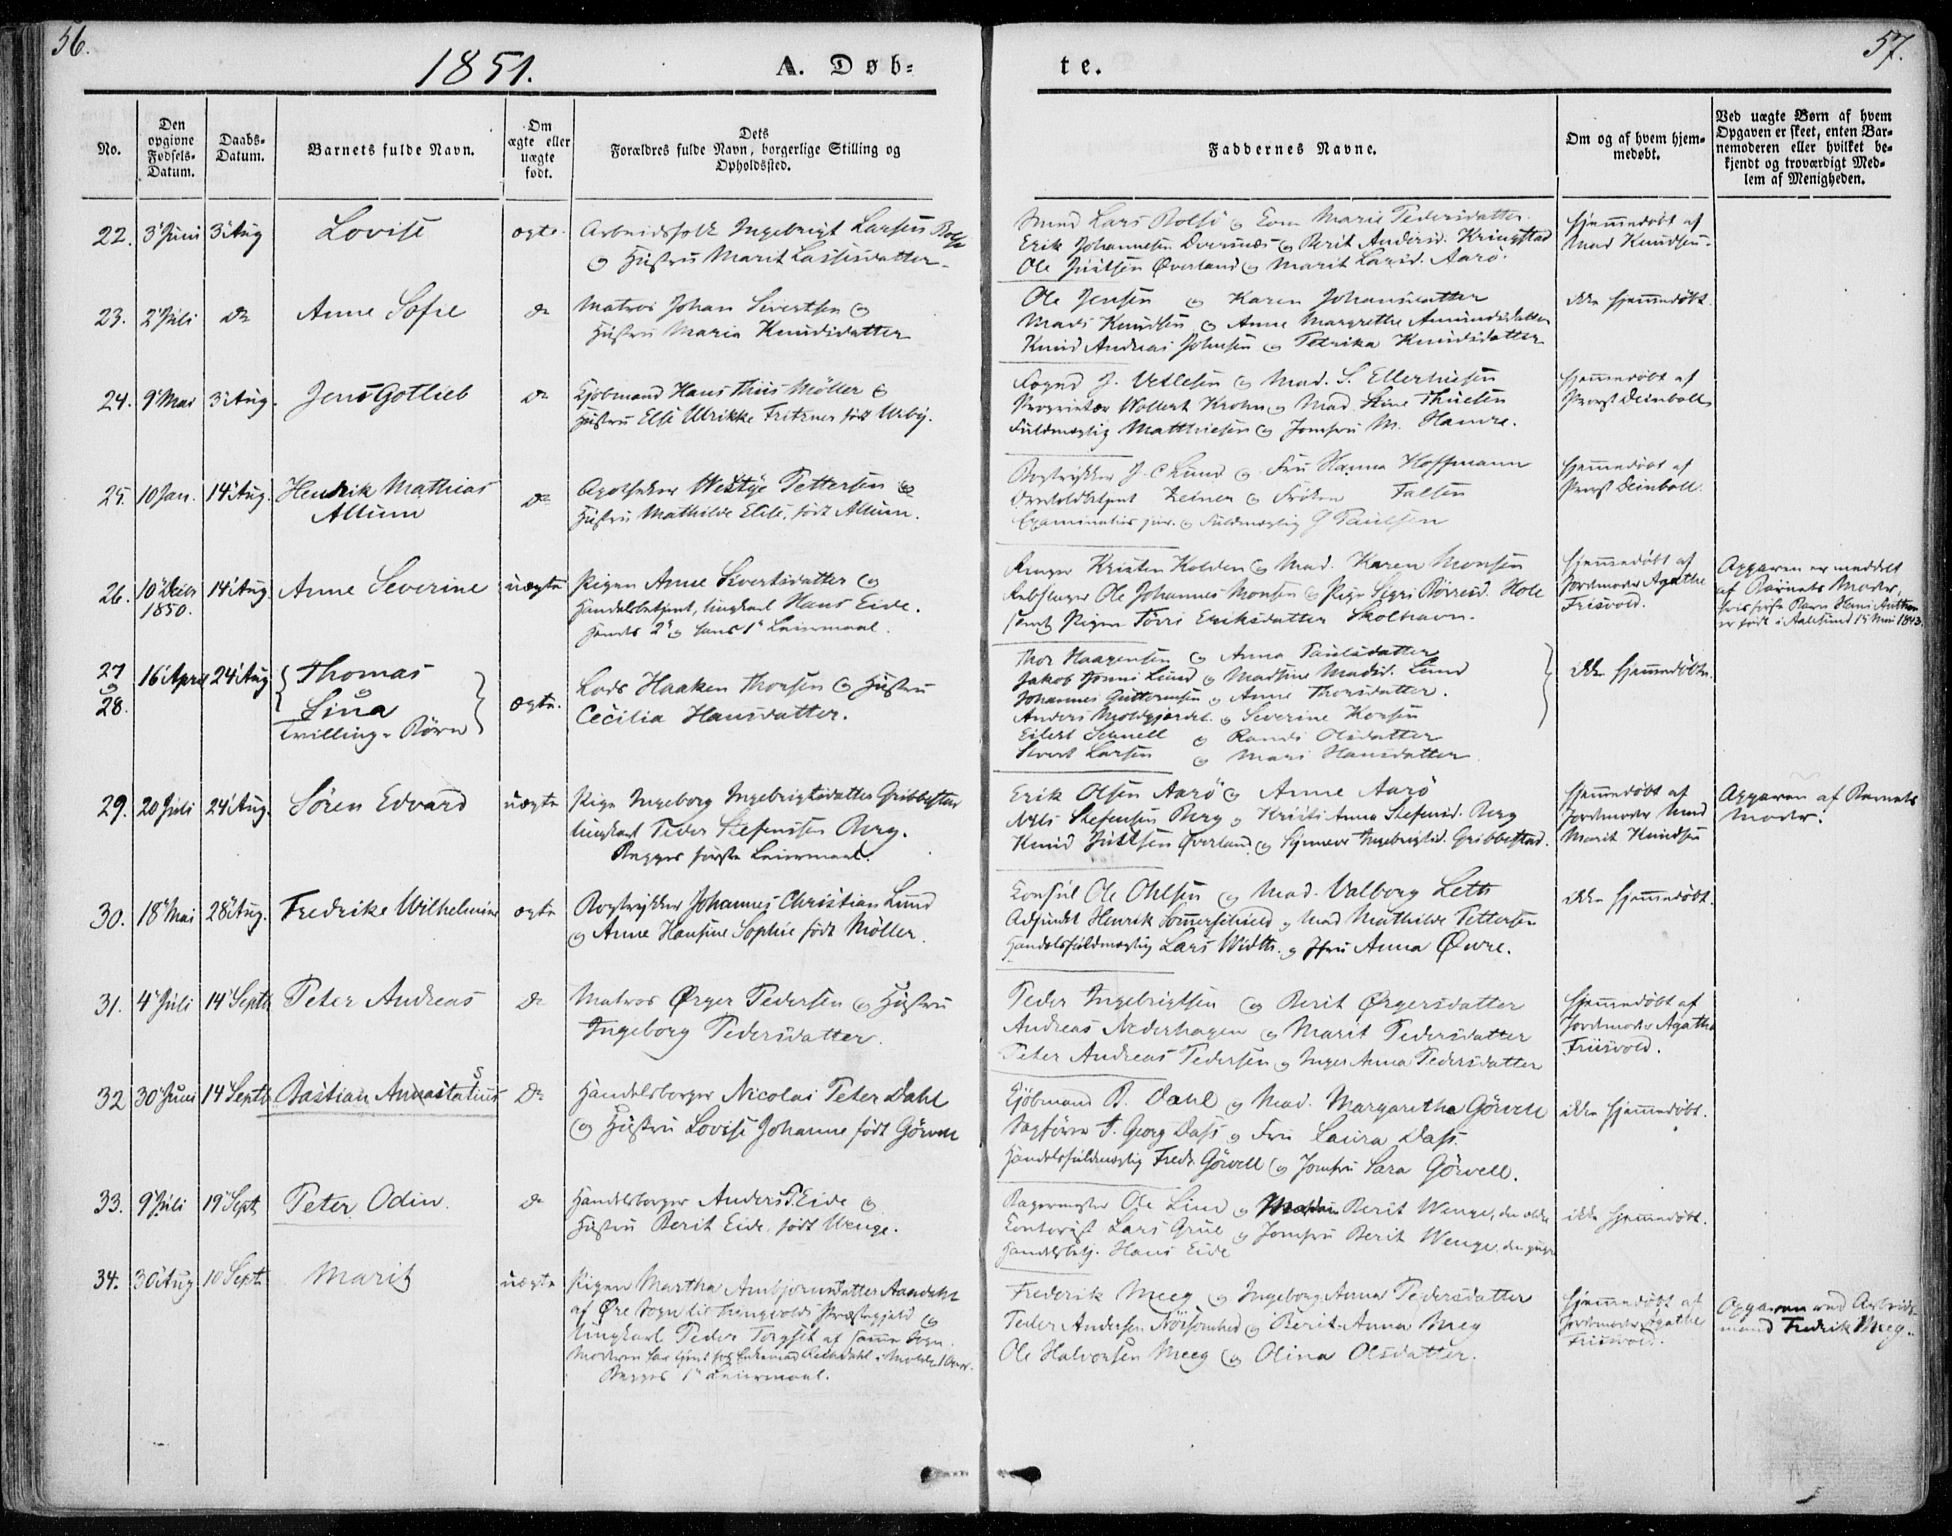 SAT, Ministerialprotokoller, klokkerbøker og fødselsregistre - Møre og Romsdal, 558/L0689: Ministerialbok nr. 558A03, 1843-1872, s. 56-57